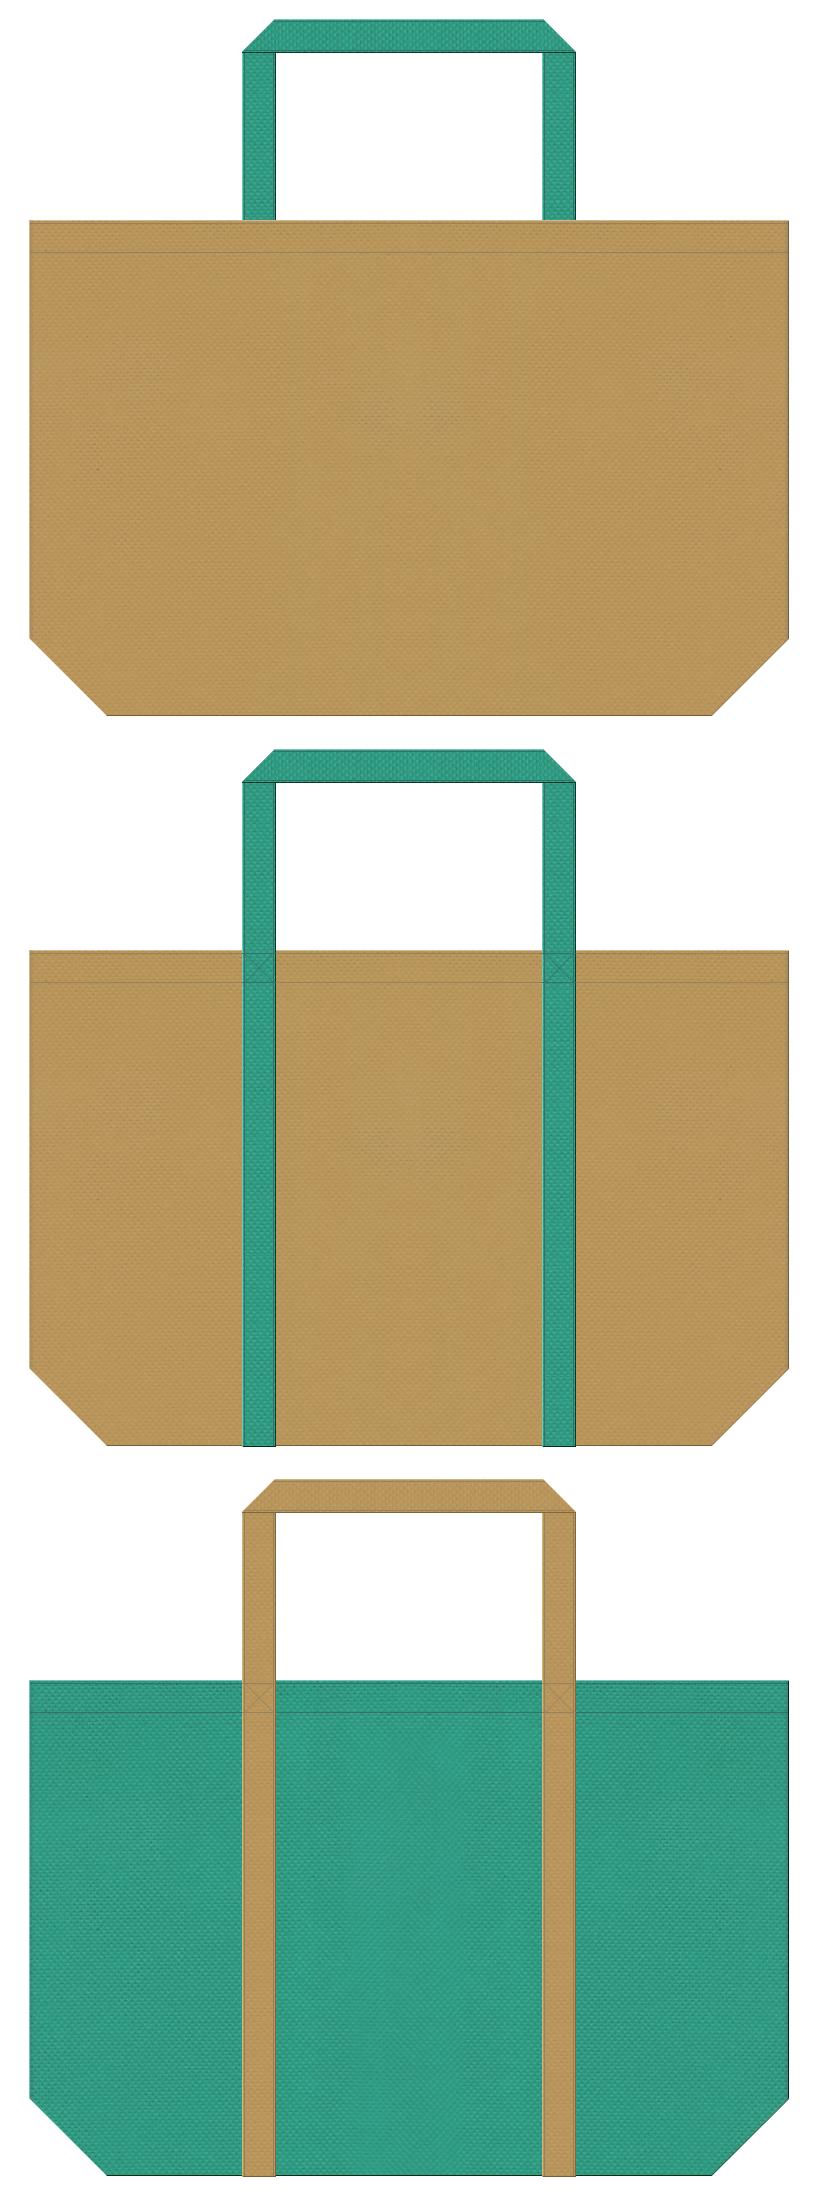 金色系黄土色と青緑色の不織布ショッピングバッグデザイン。